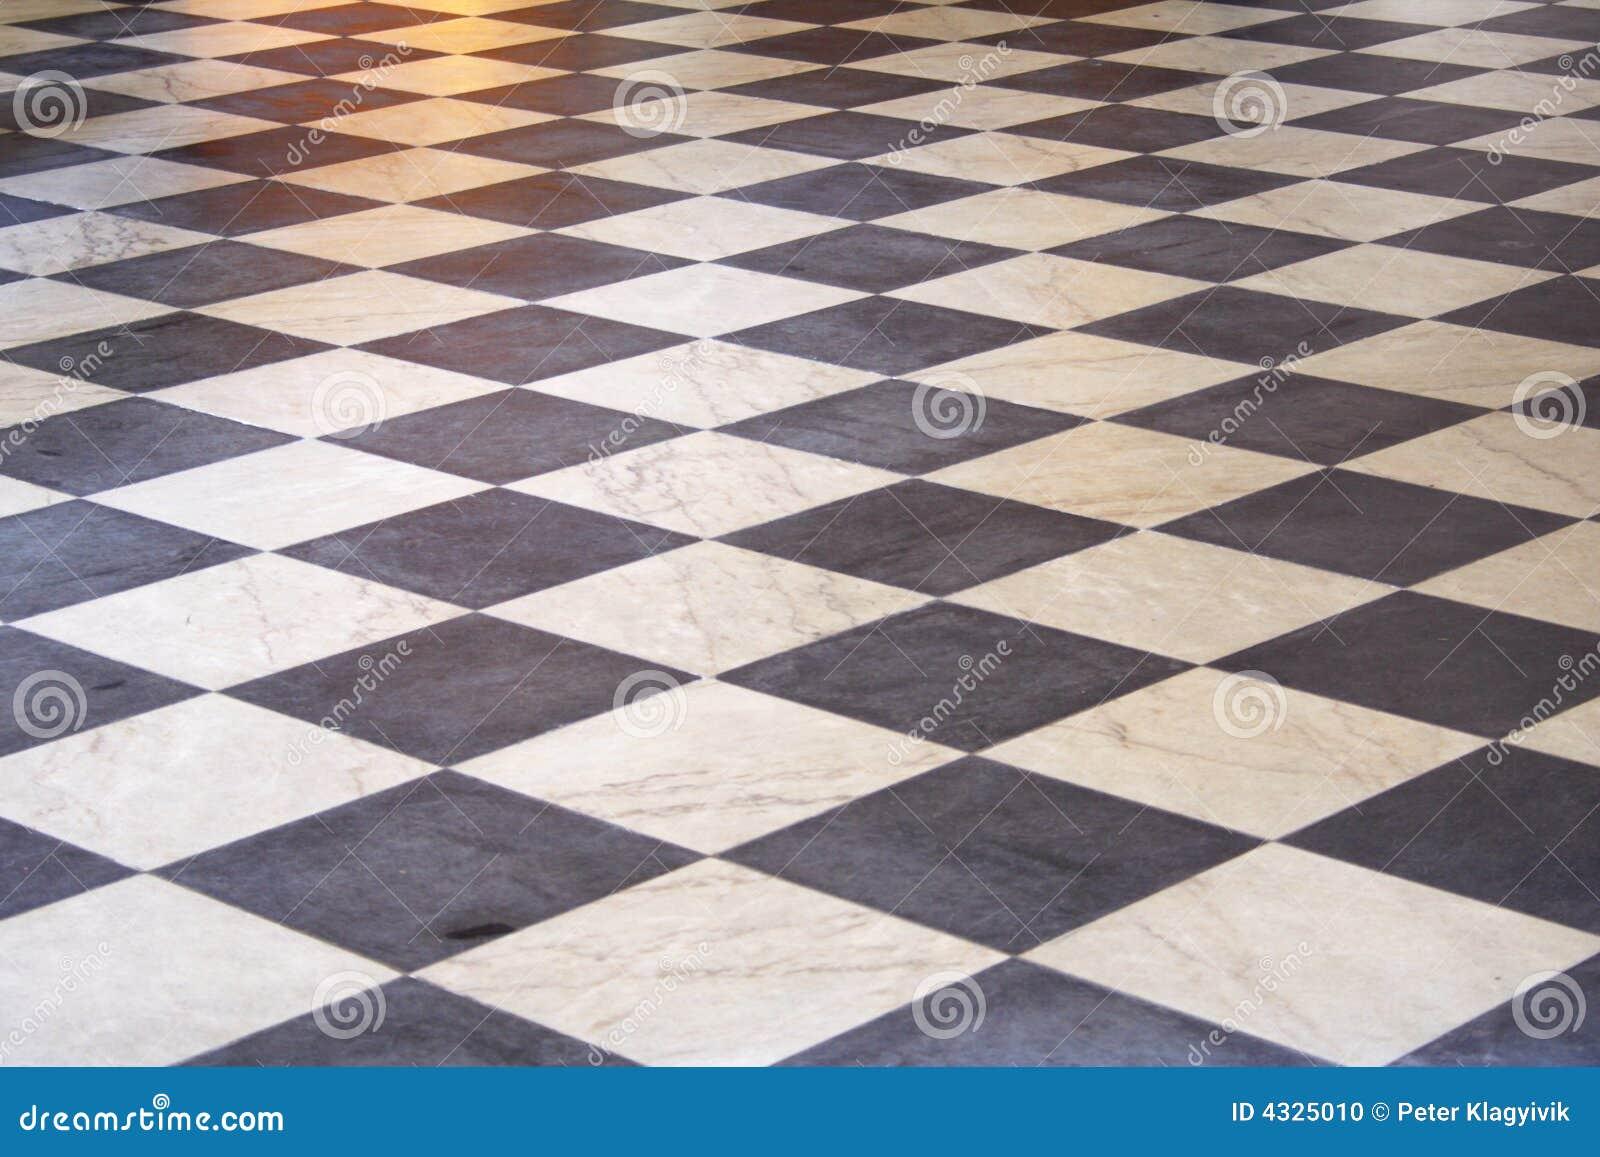 Preferenza Pavimento di mosaico fotografia stock. Immagine di vecchio - 40140816 GK56